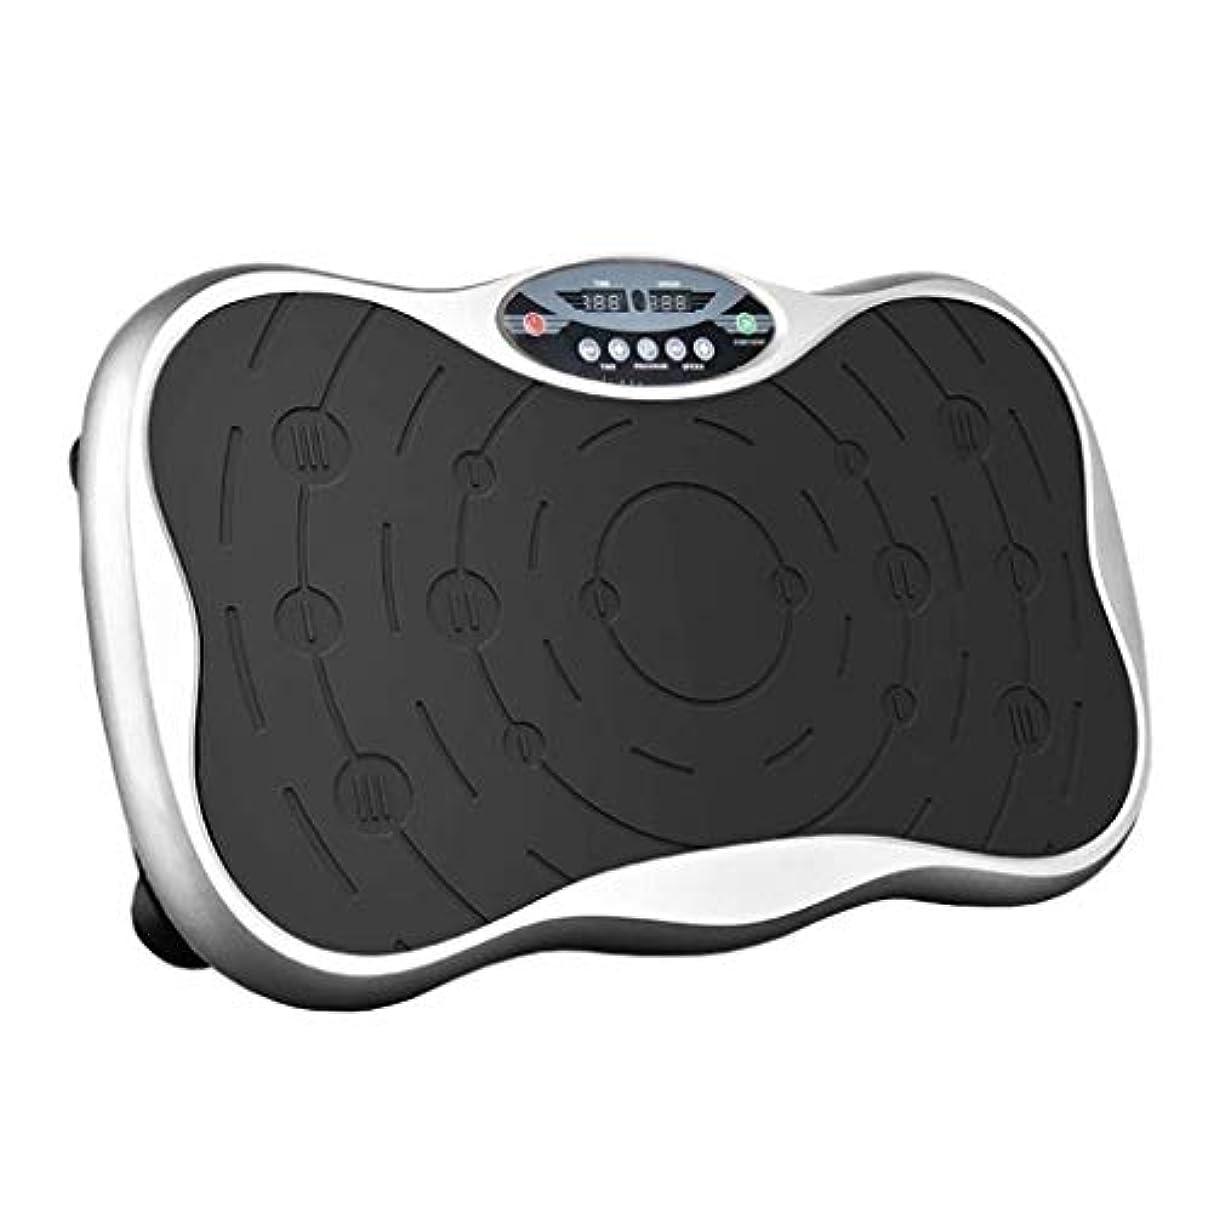 病気だと思う保持する留まる減量装置、フィットネス振動プラットフォーム-エクササイズフィットネスマシントレーナー-ボディマッサージスリム-振動プラットフォーム-全身振動 (Color : 銀)